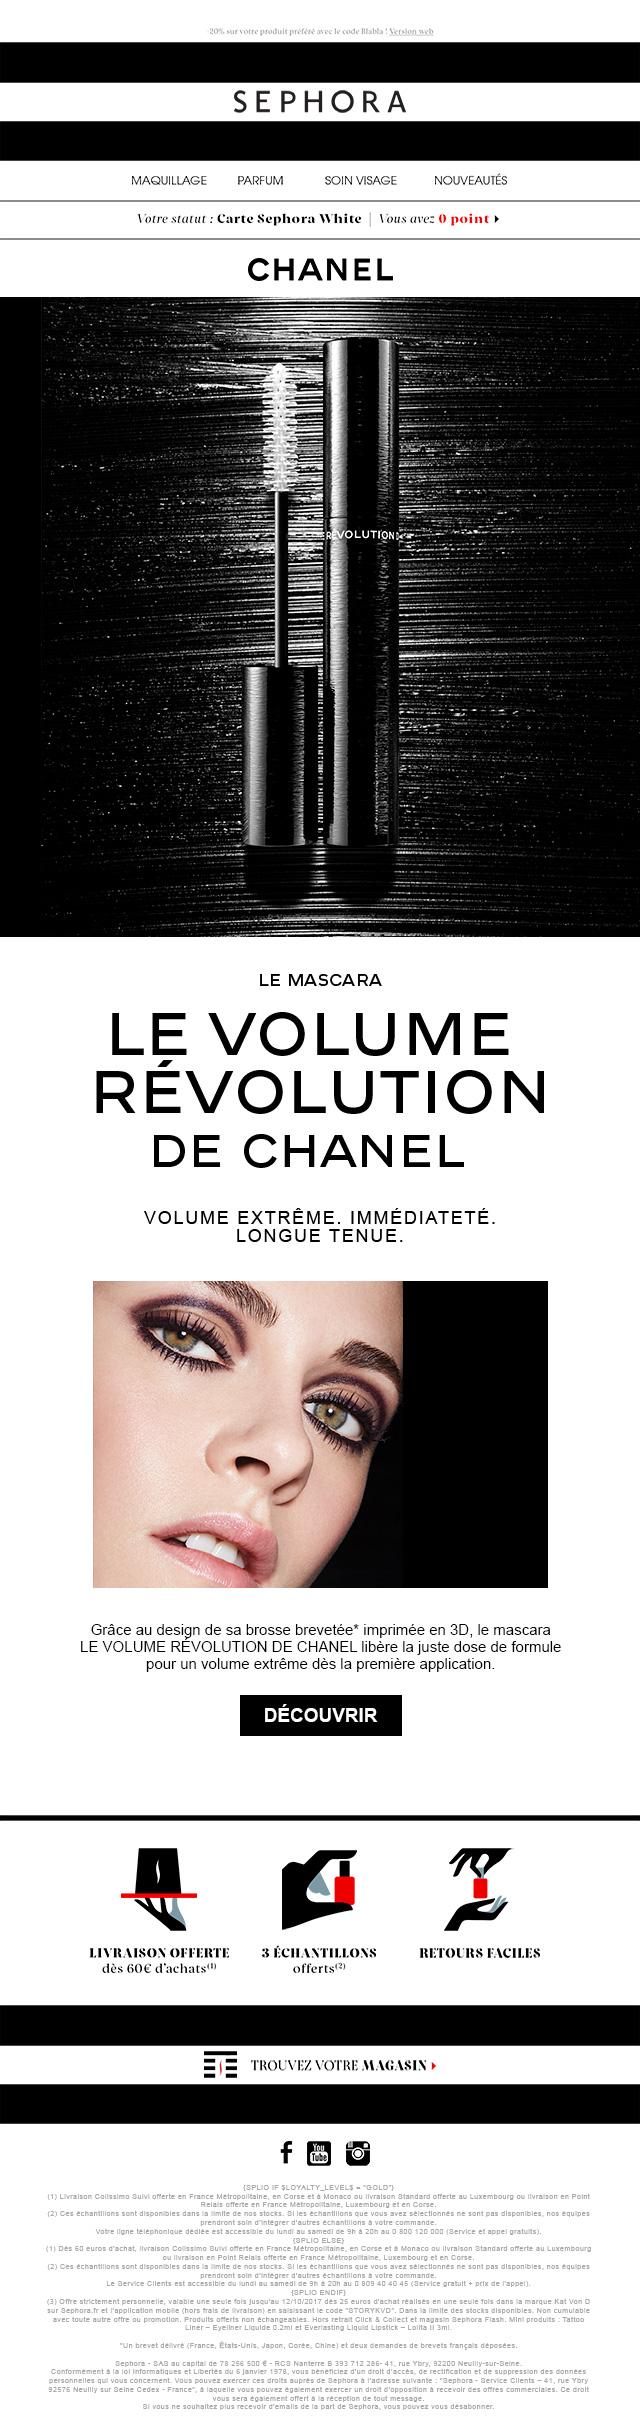 Newsletter Chanel